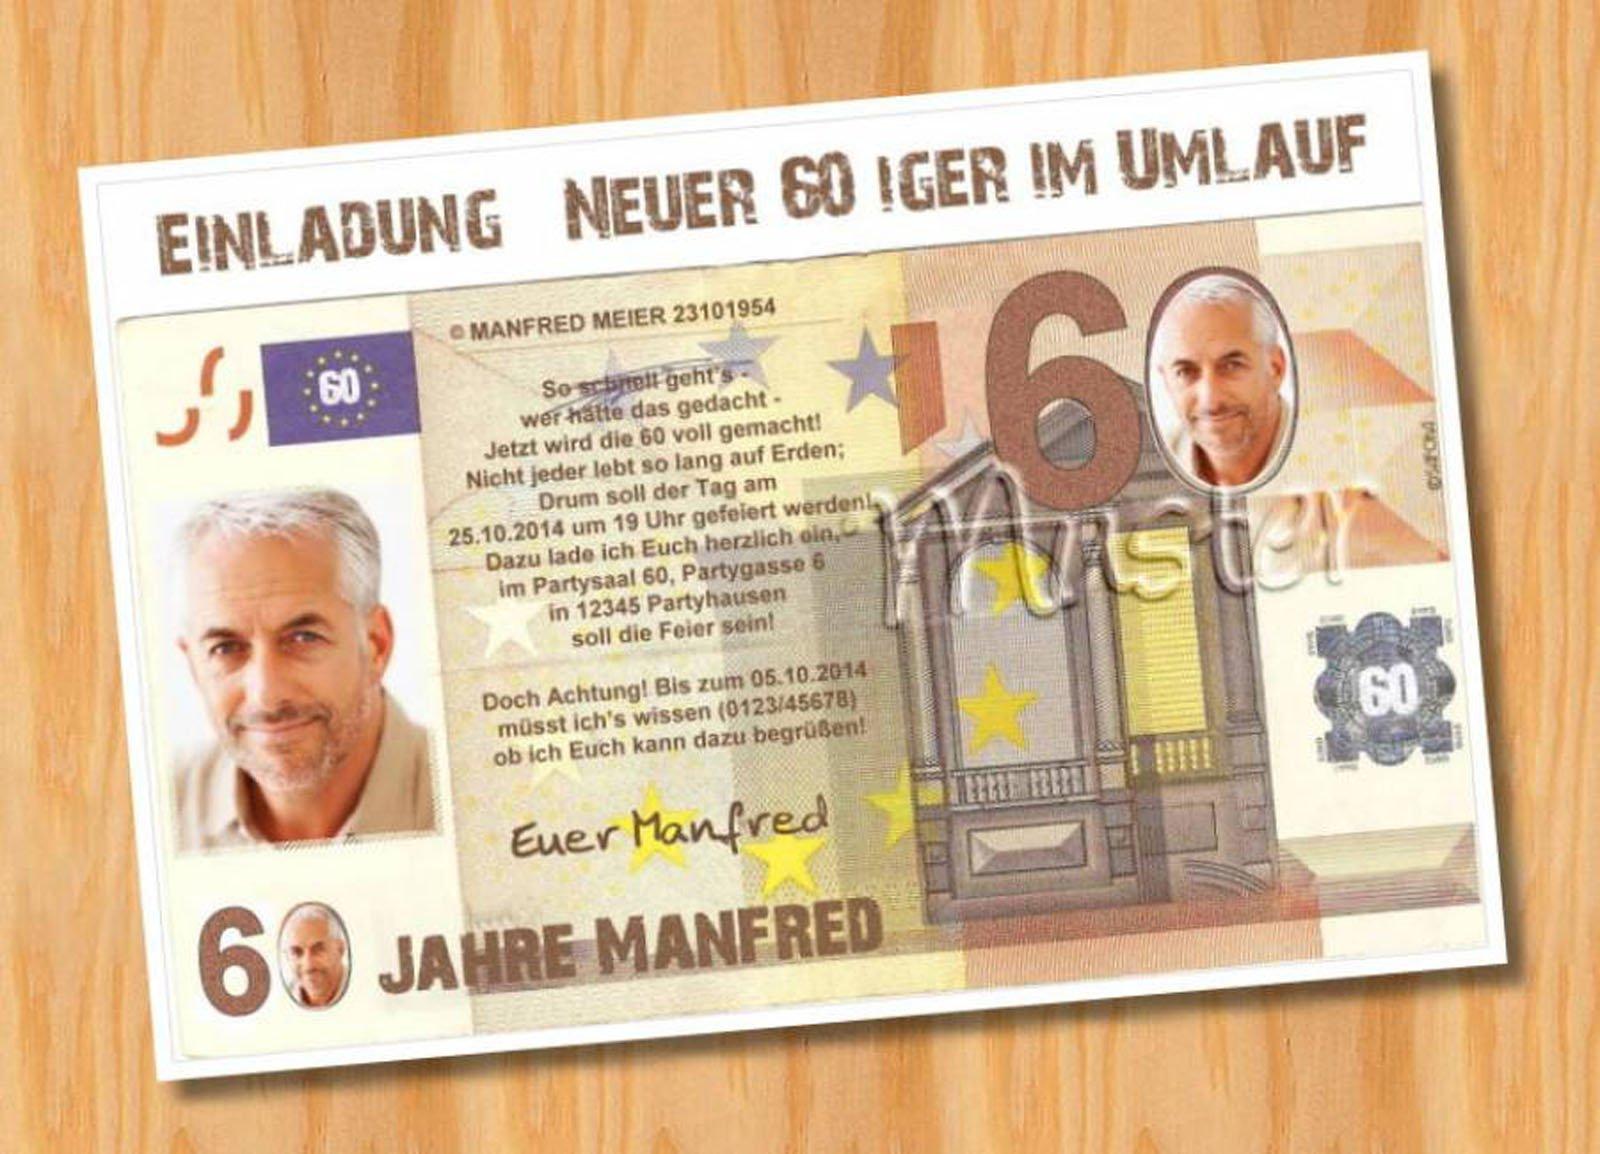 Einladungskarten 60 Geburtstag Einladungskarten 60: Einladungen Zum 60 Geburtstag : Einladungen Zum 60